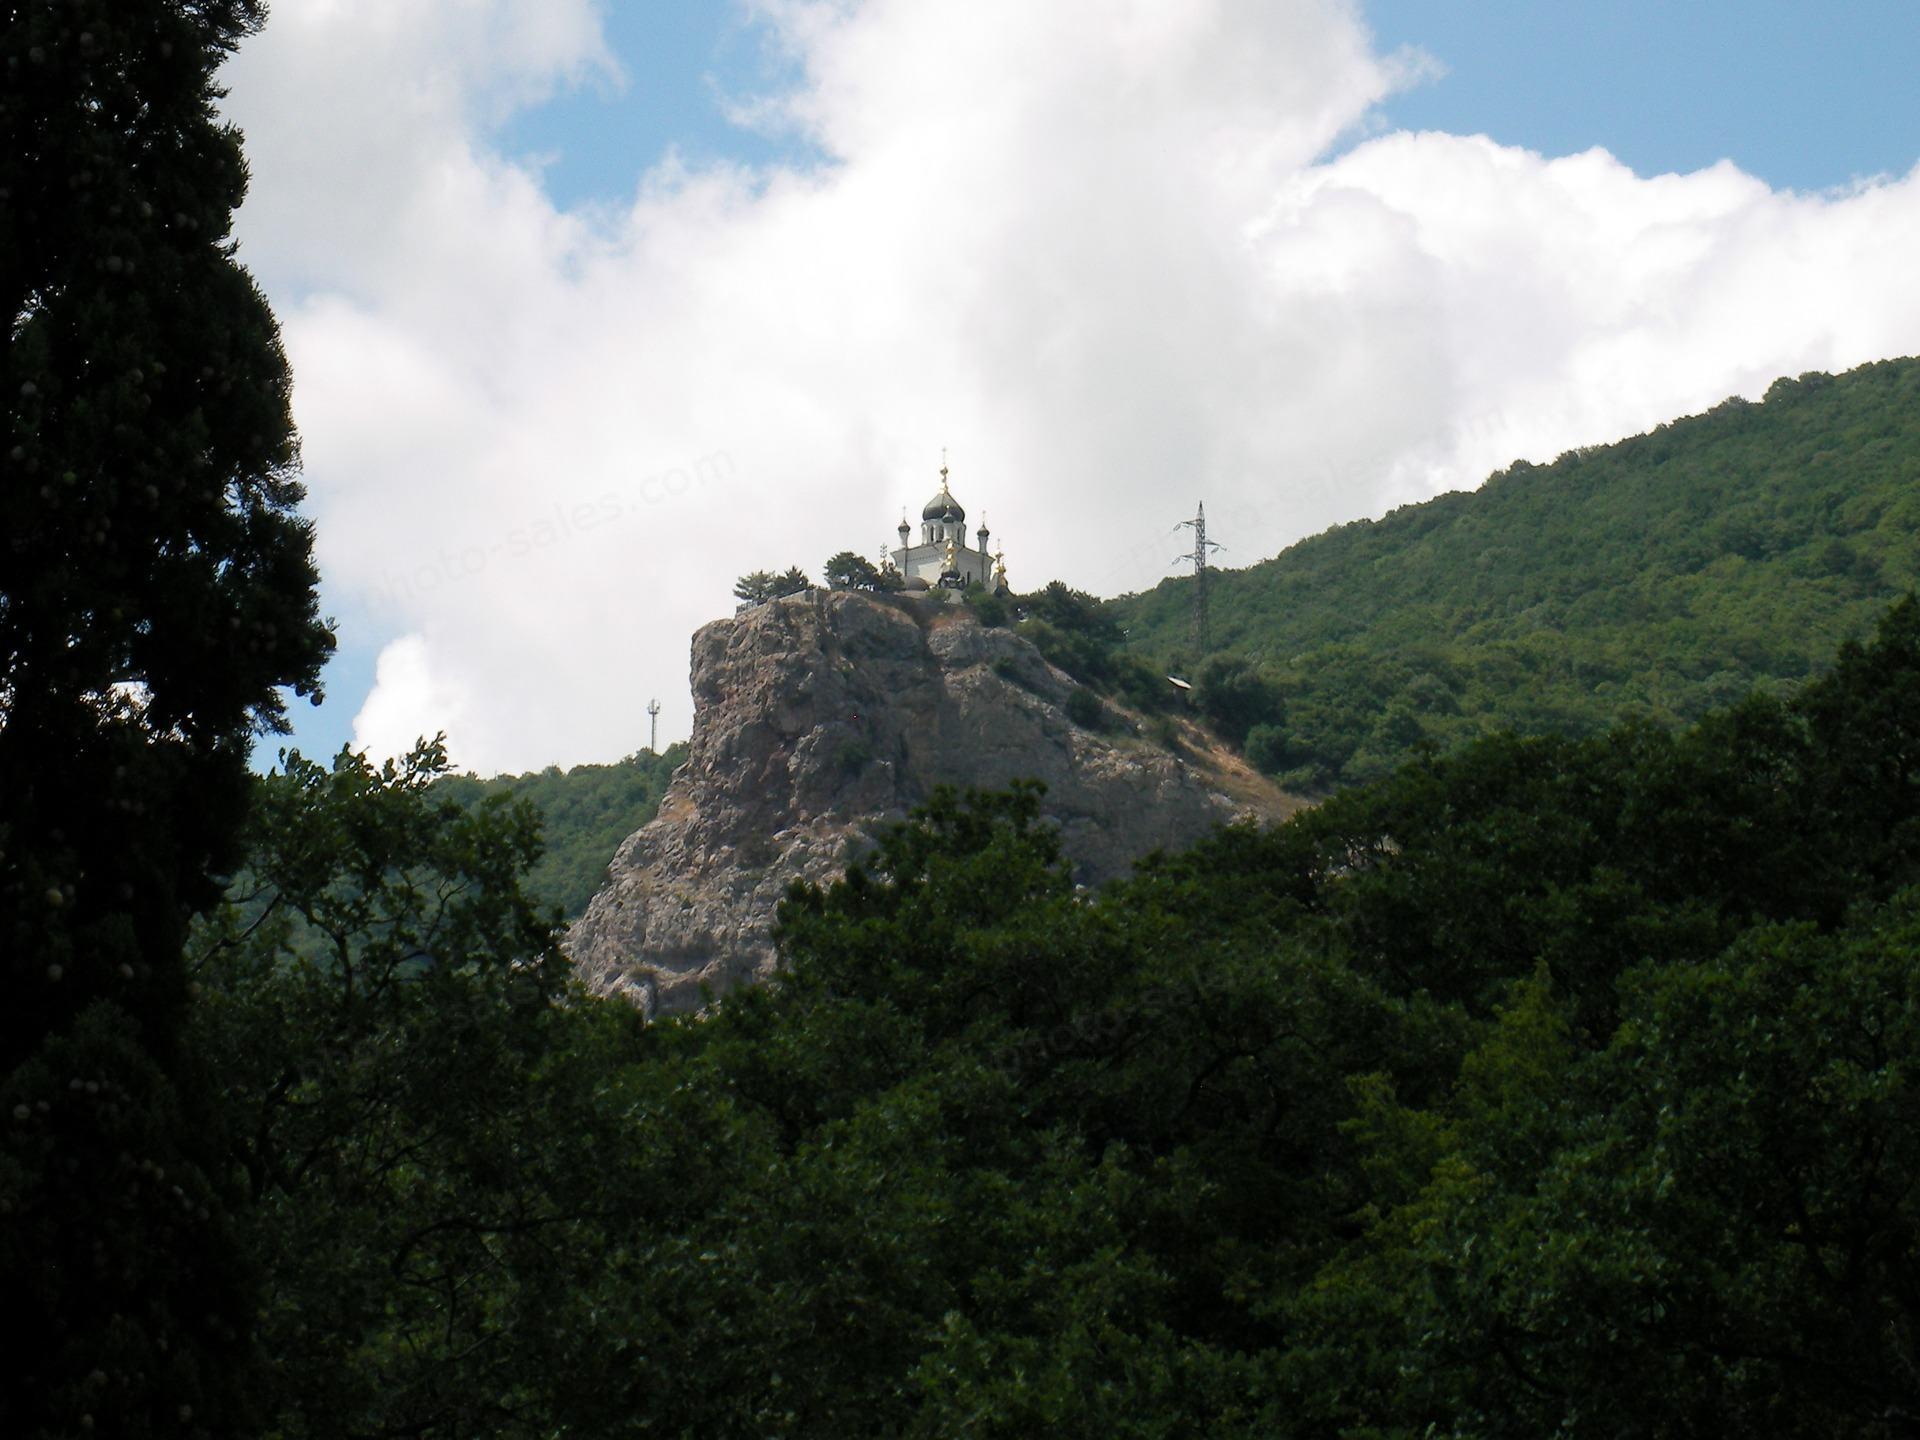 Եկեղեցին է Cliff վերեւում մոտ foros Ղրիմի